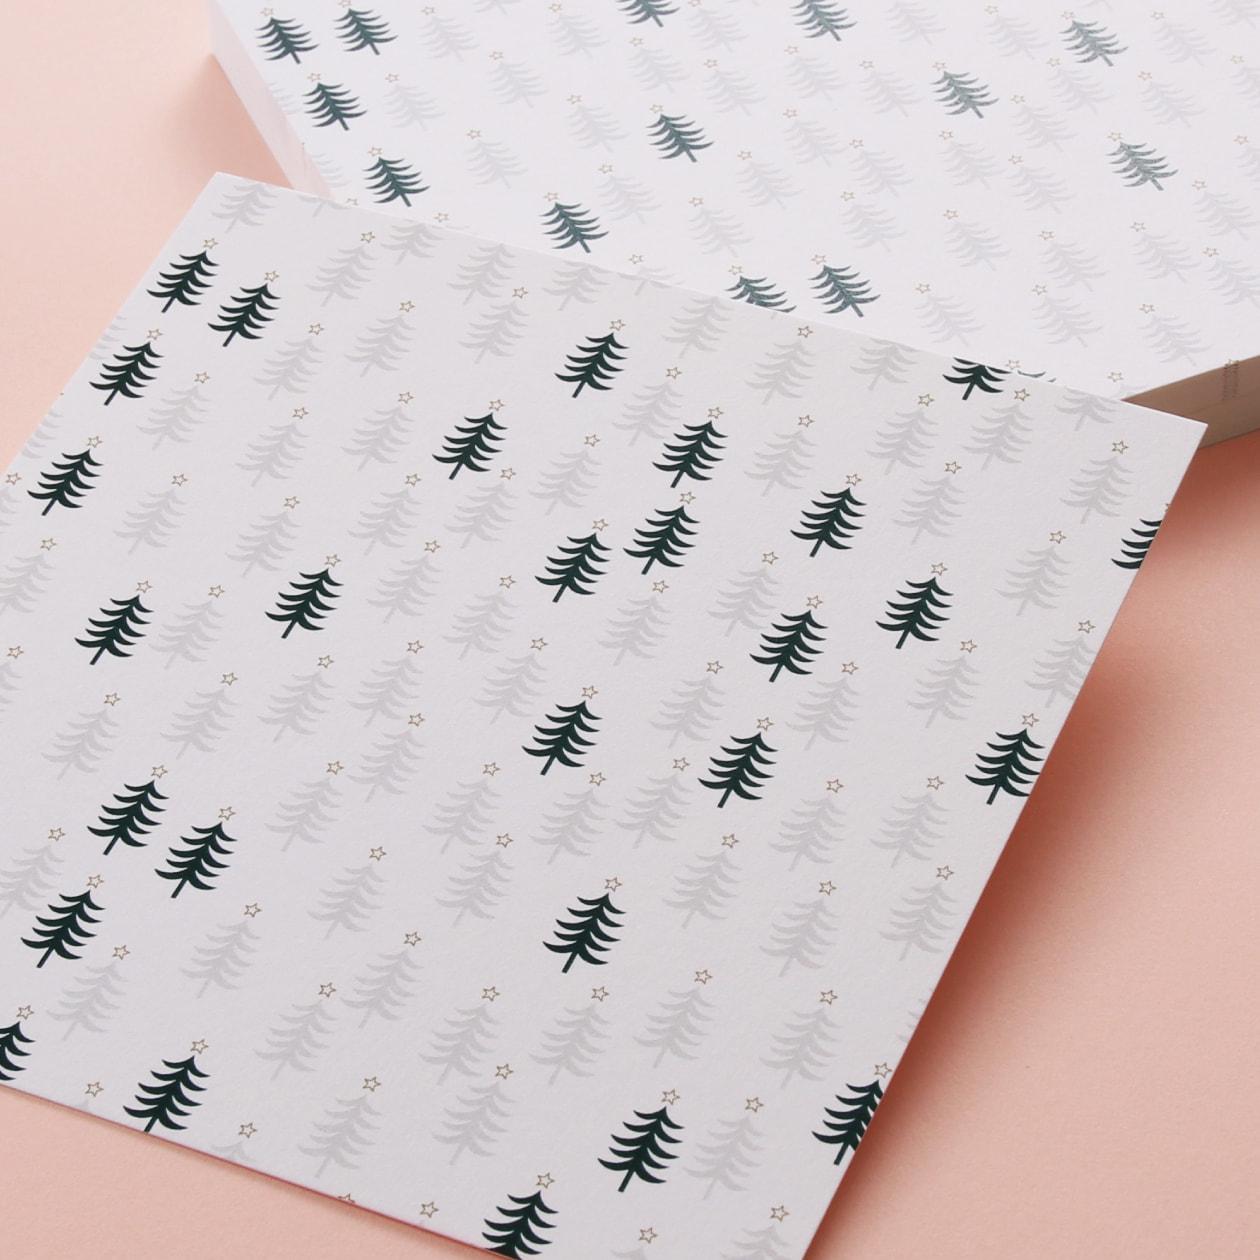 質感のある紙が引き立つ 静かな森の雪景色のカード